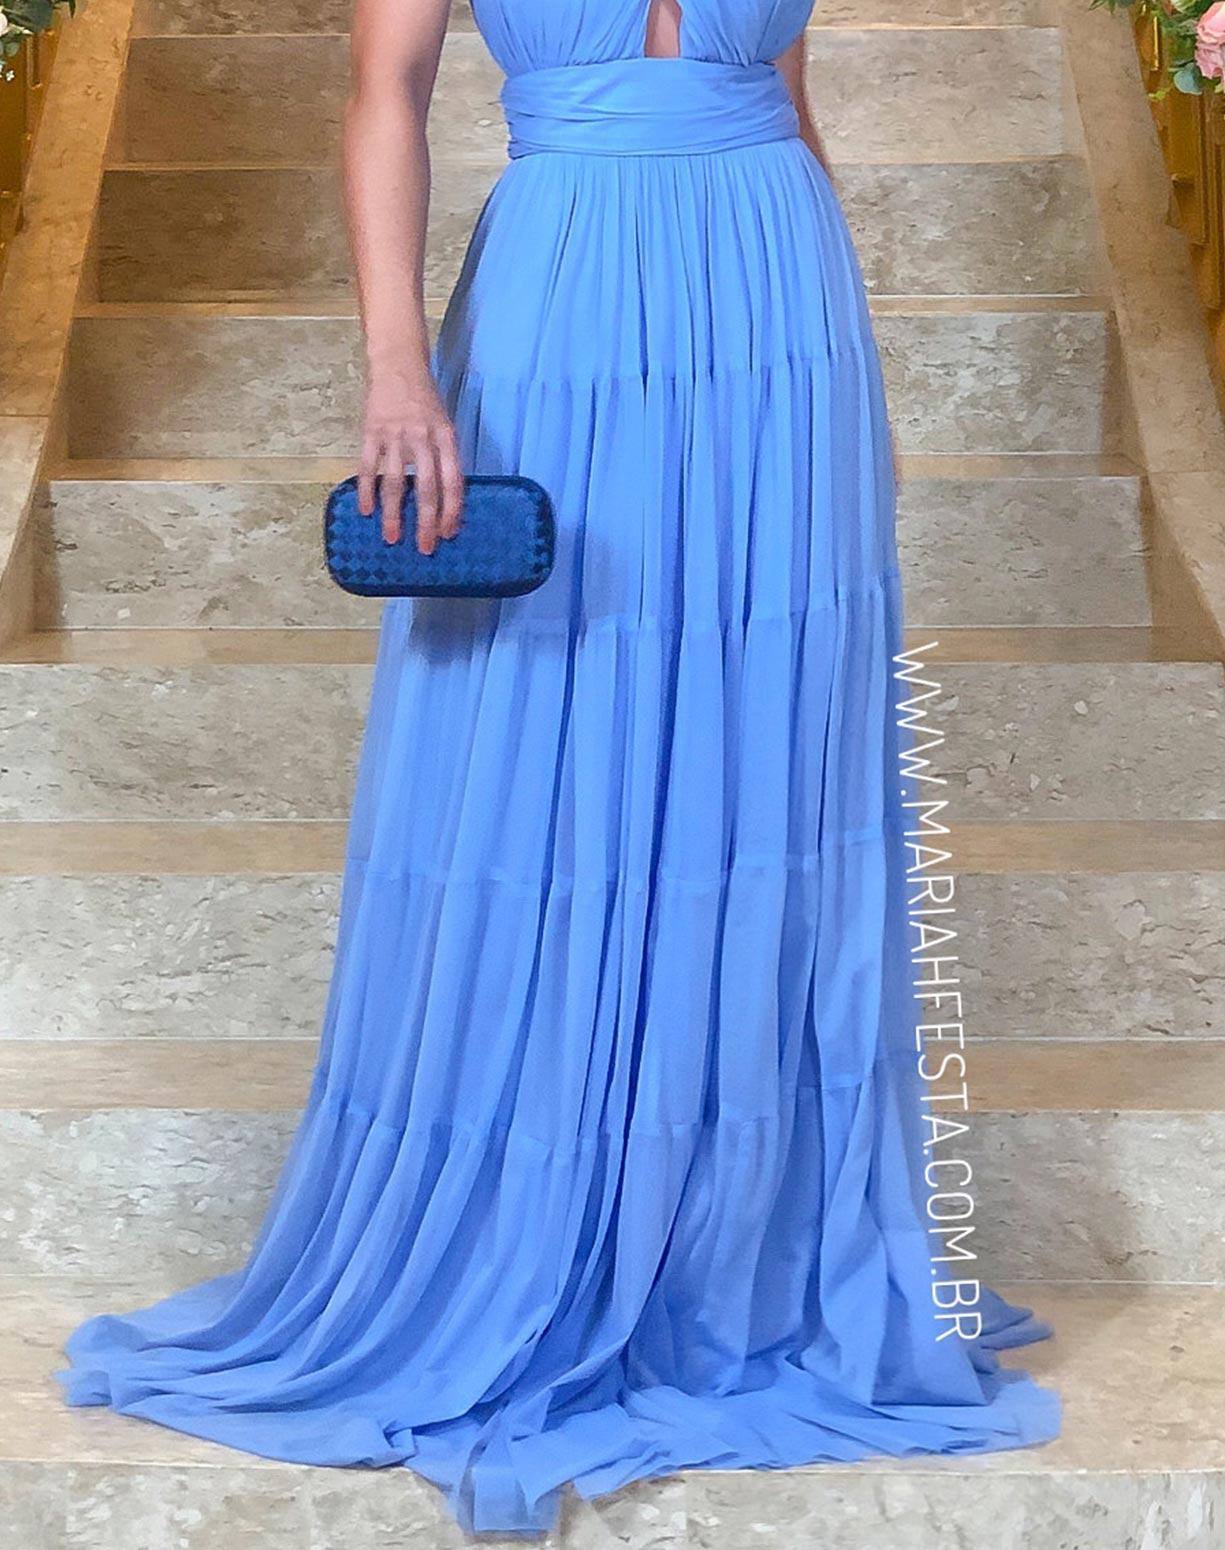 Vestido Azul Serenity em Tule com Alças Transpassadas